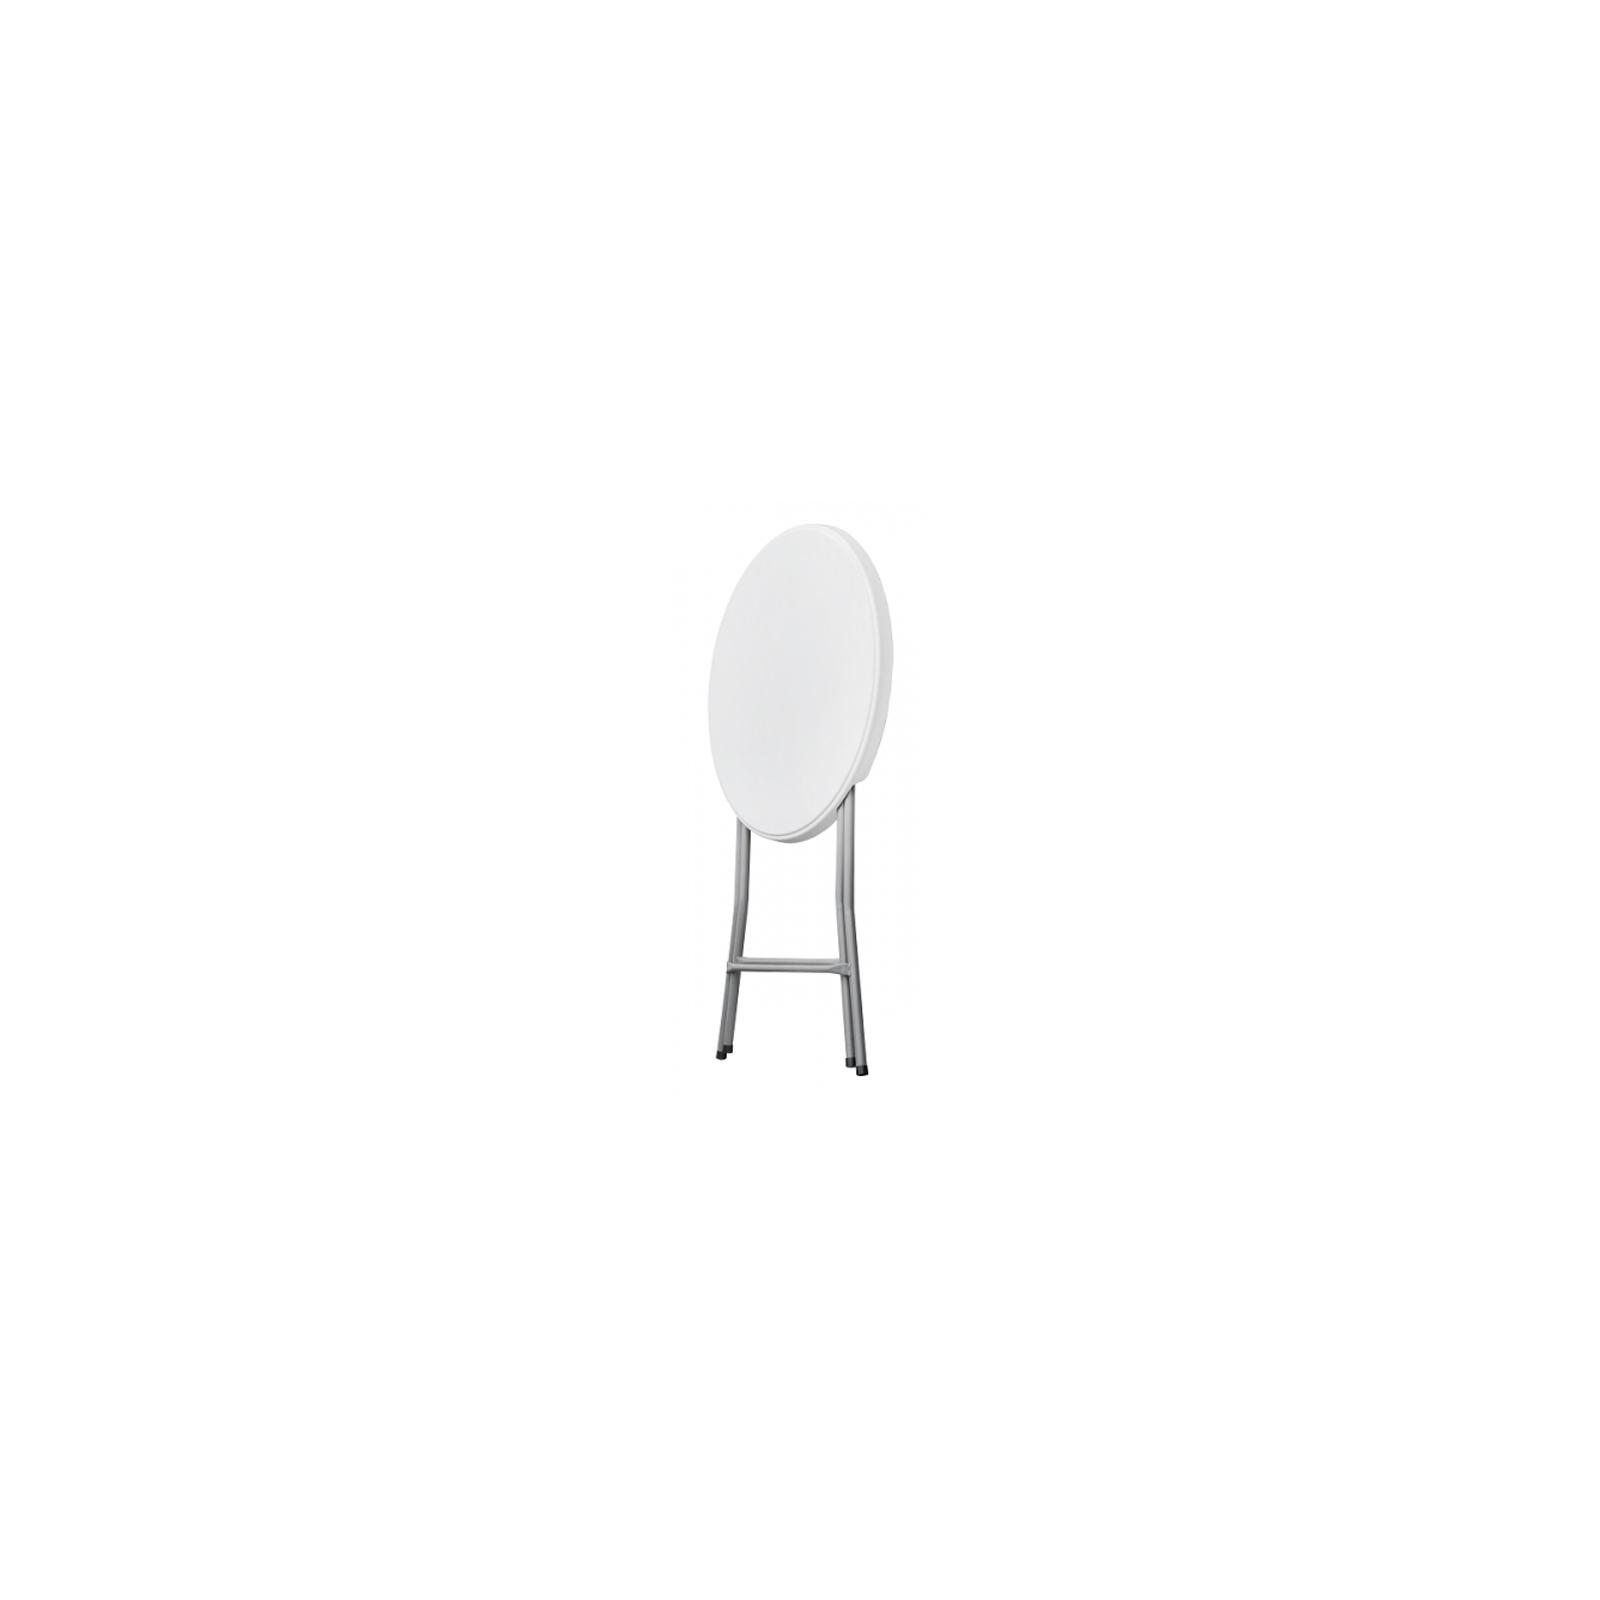 Туристический стол Time Eco ТЕ-1834 White (4820211100889) изображение 2